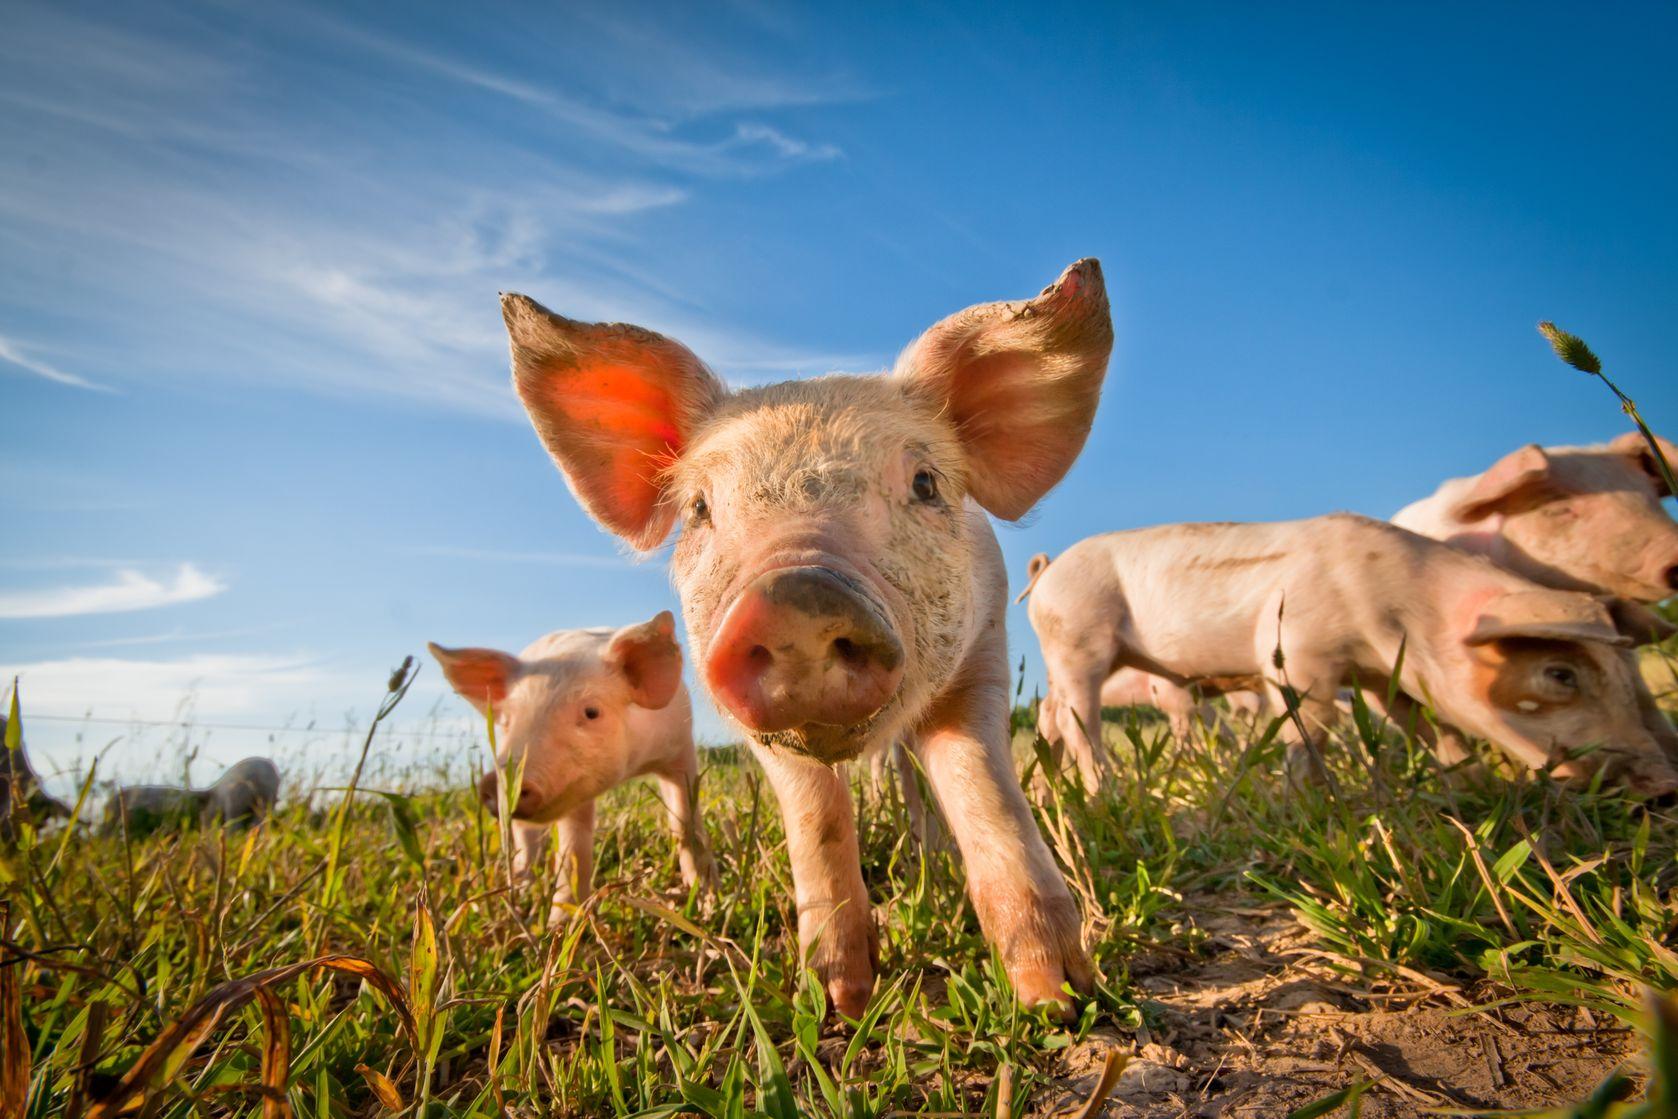 万科进军养猪业!毛利率不输房地产,碧桂园、恒大早已入局